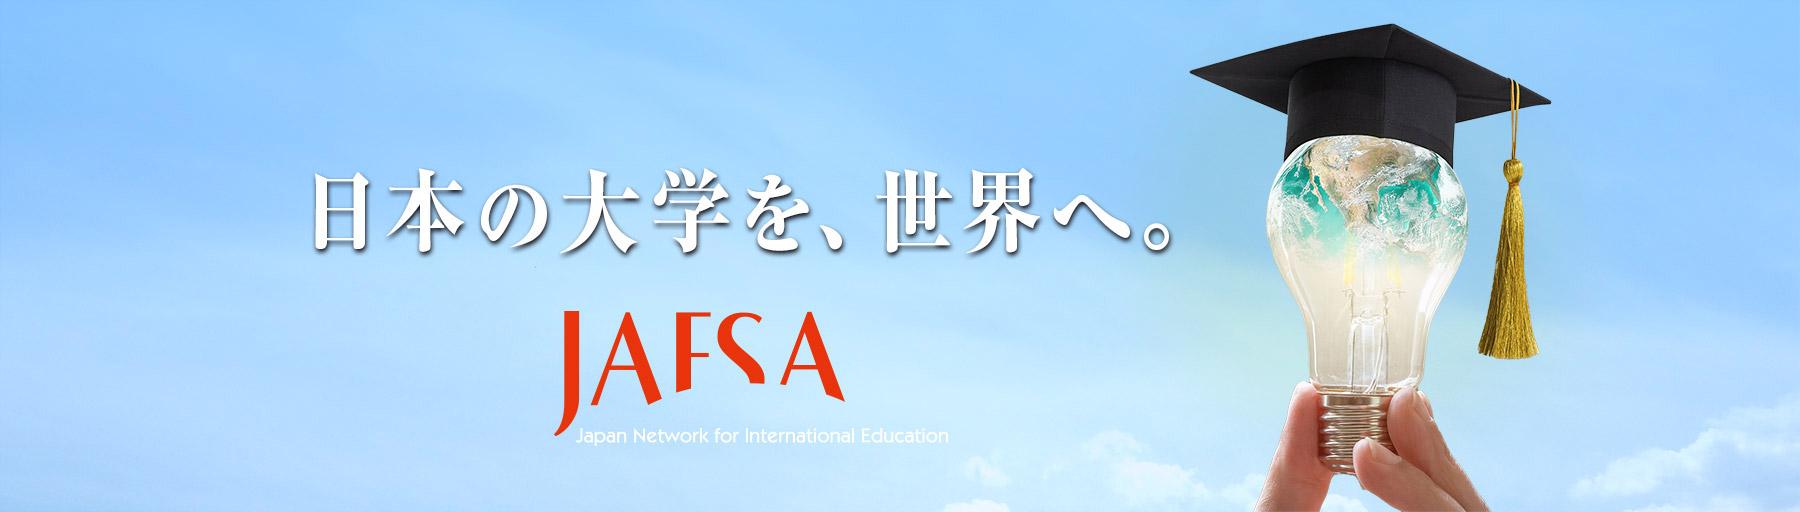 人とつながる、世界とつながる。JAFSA